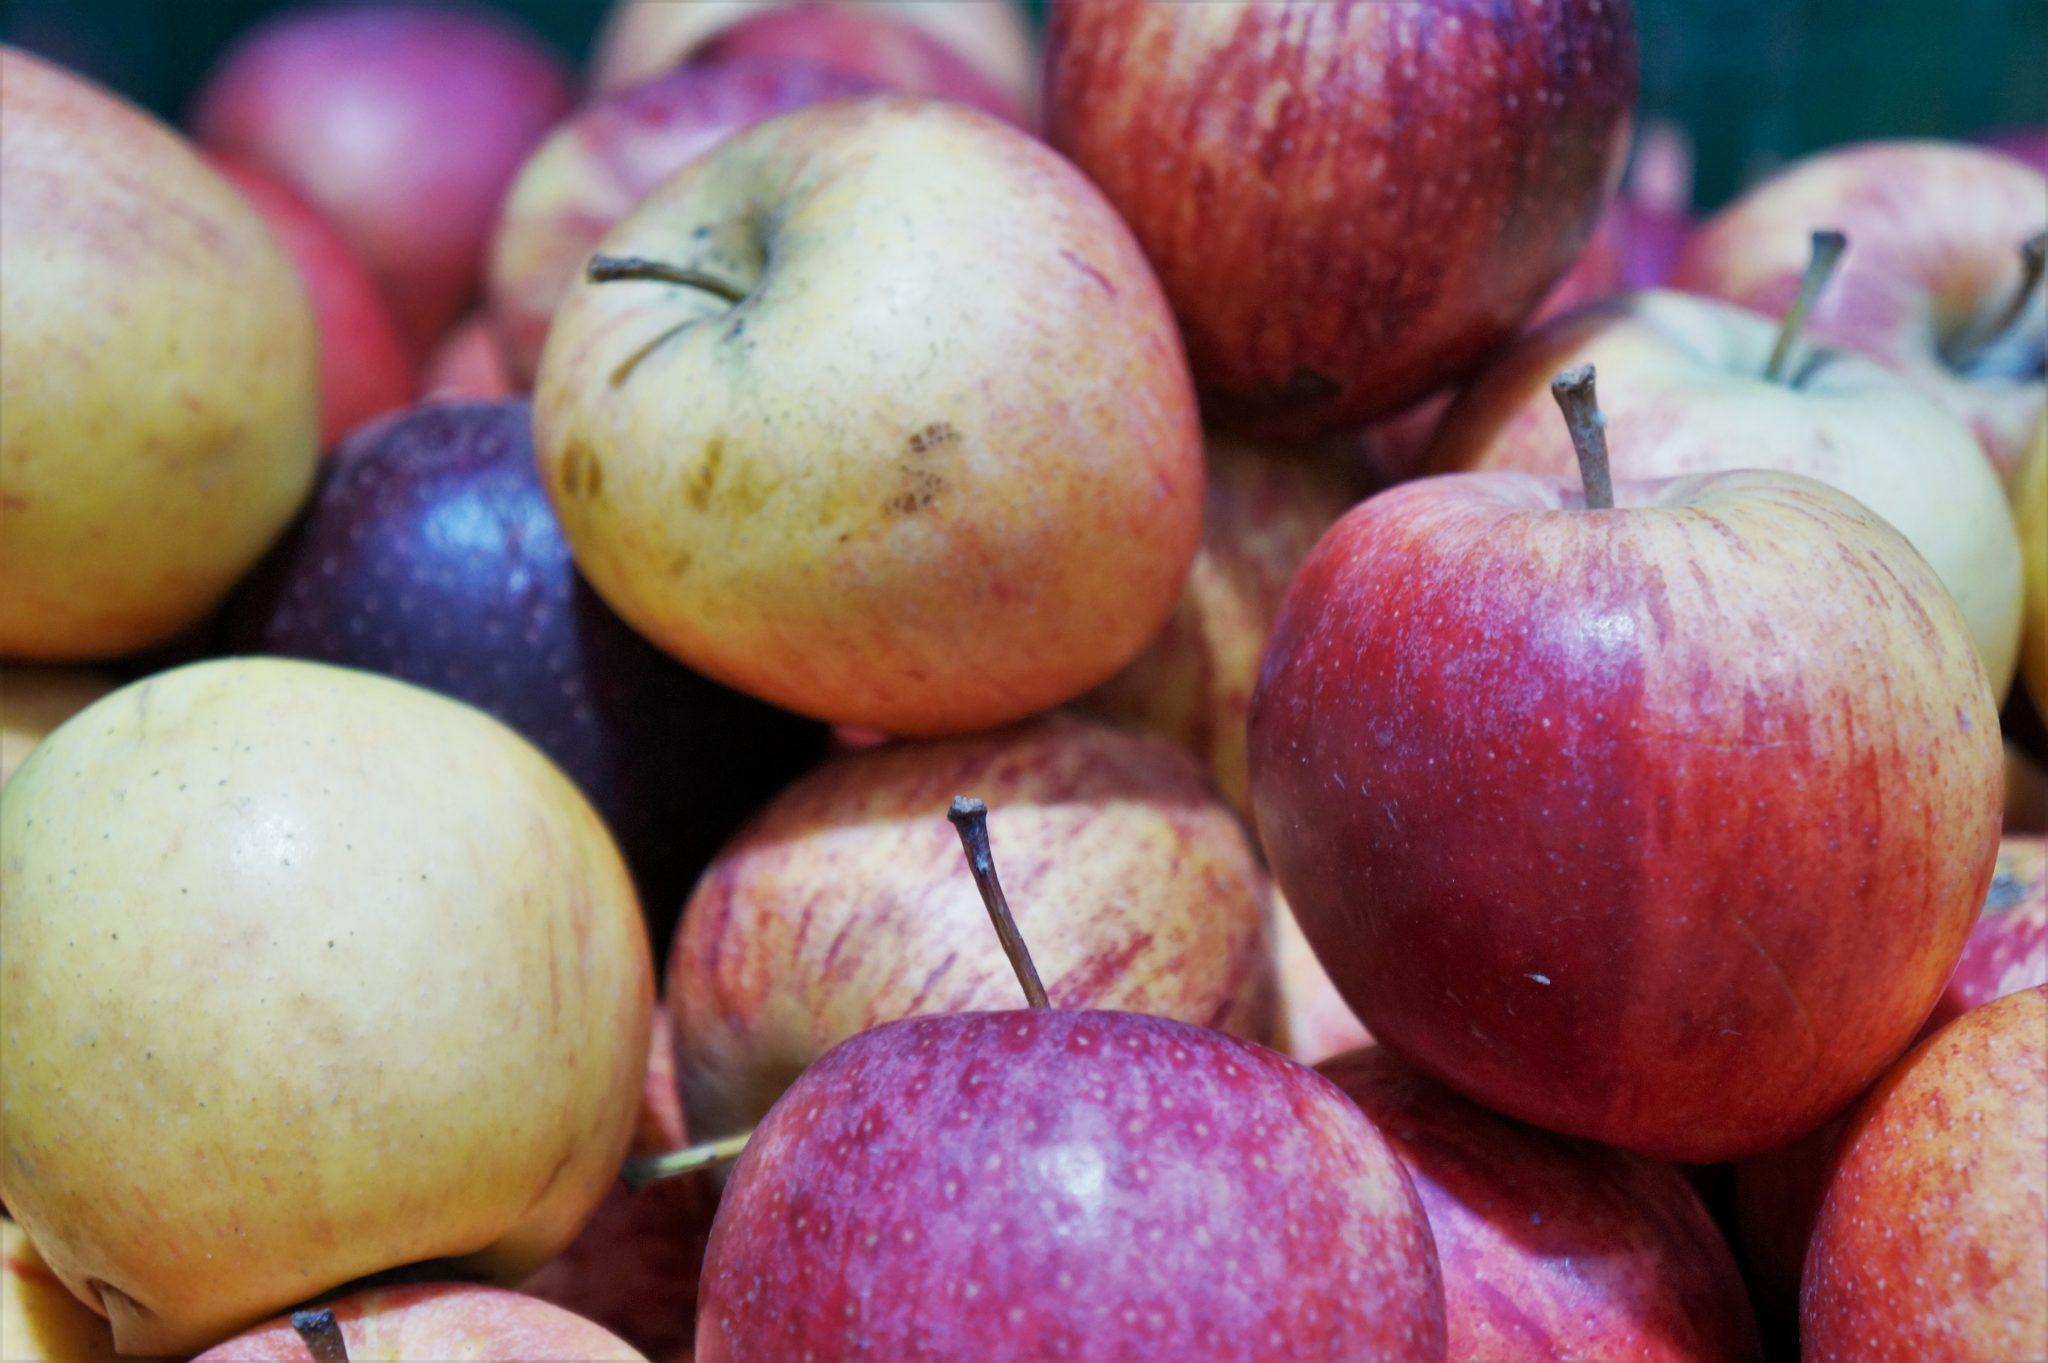 ¿Cómo cuidar frutas y verduras?